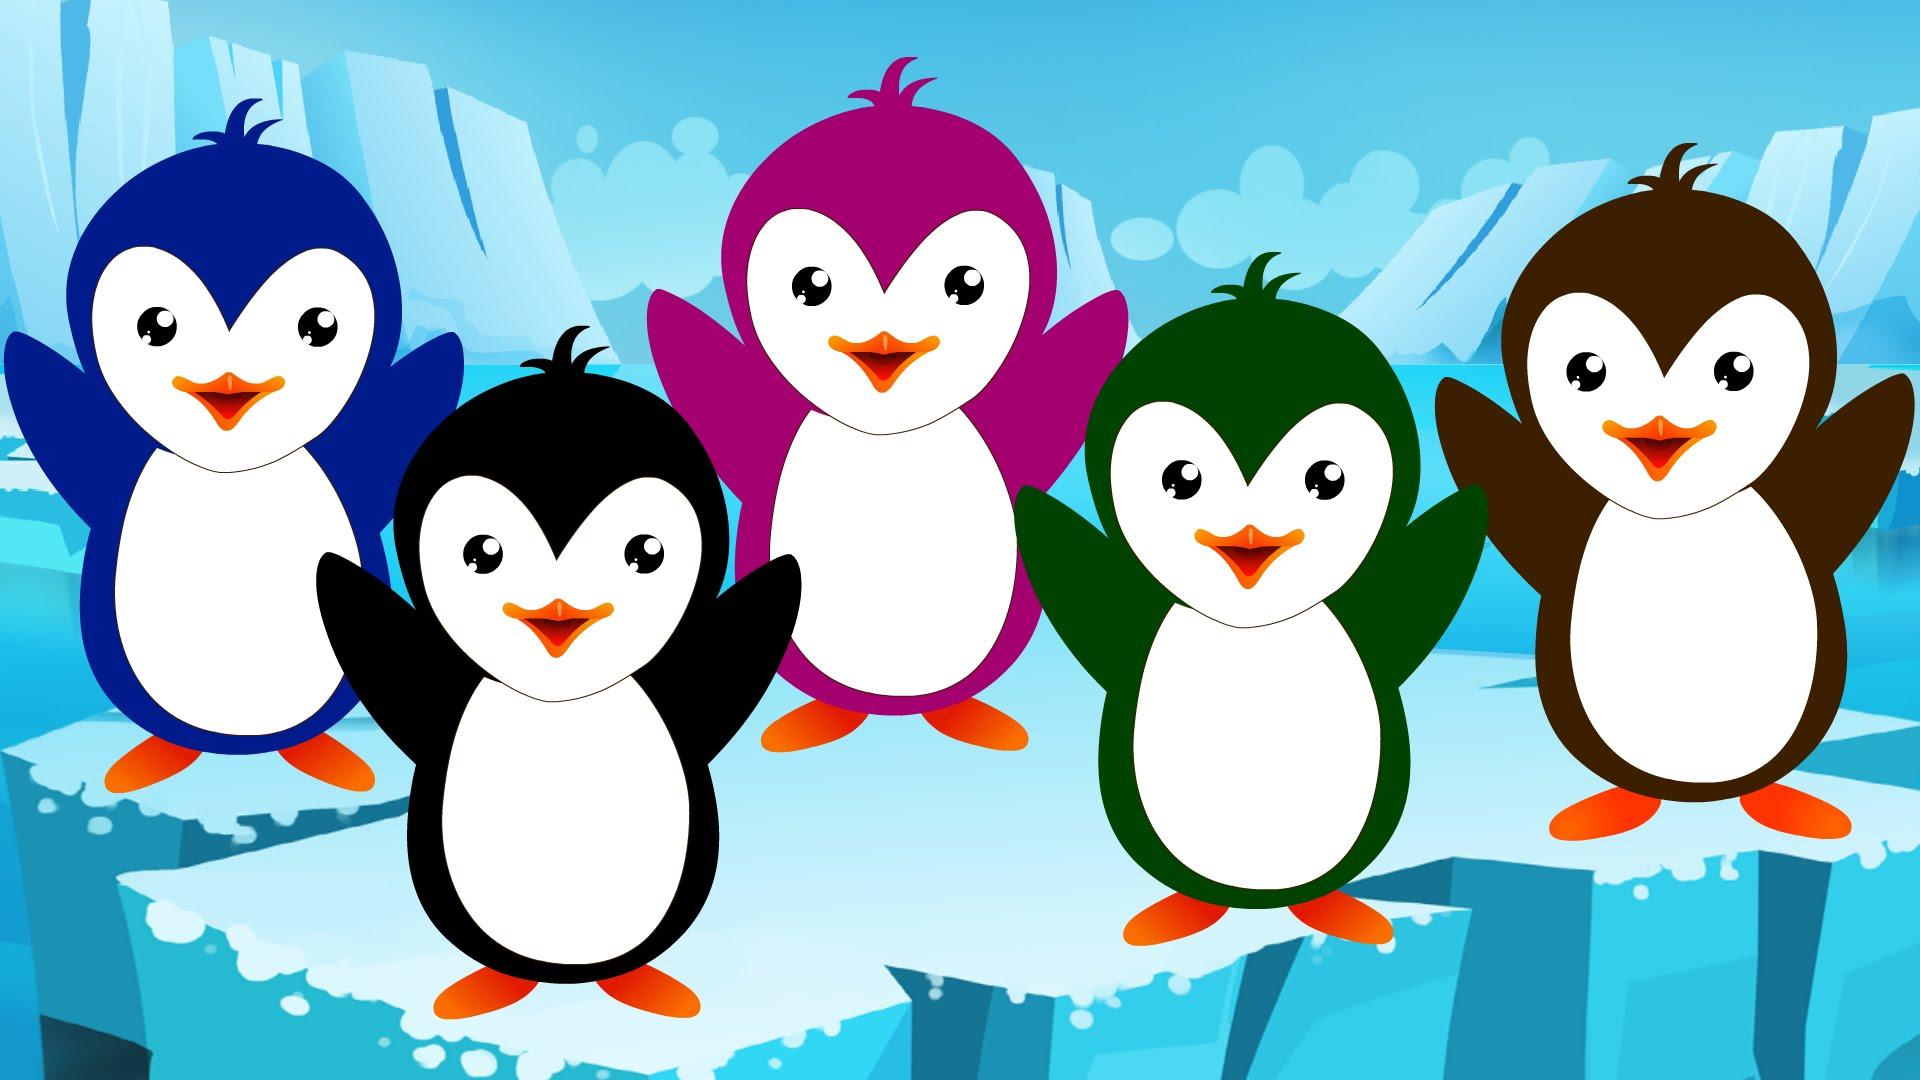 بهترین توزیعهای لینوکس برای کودکان و نوجوانان